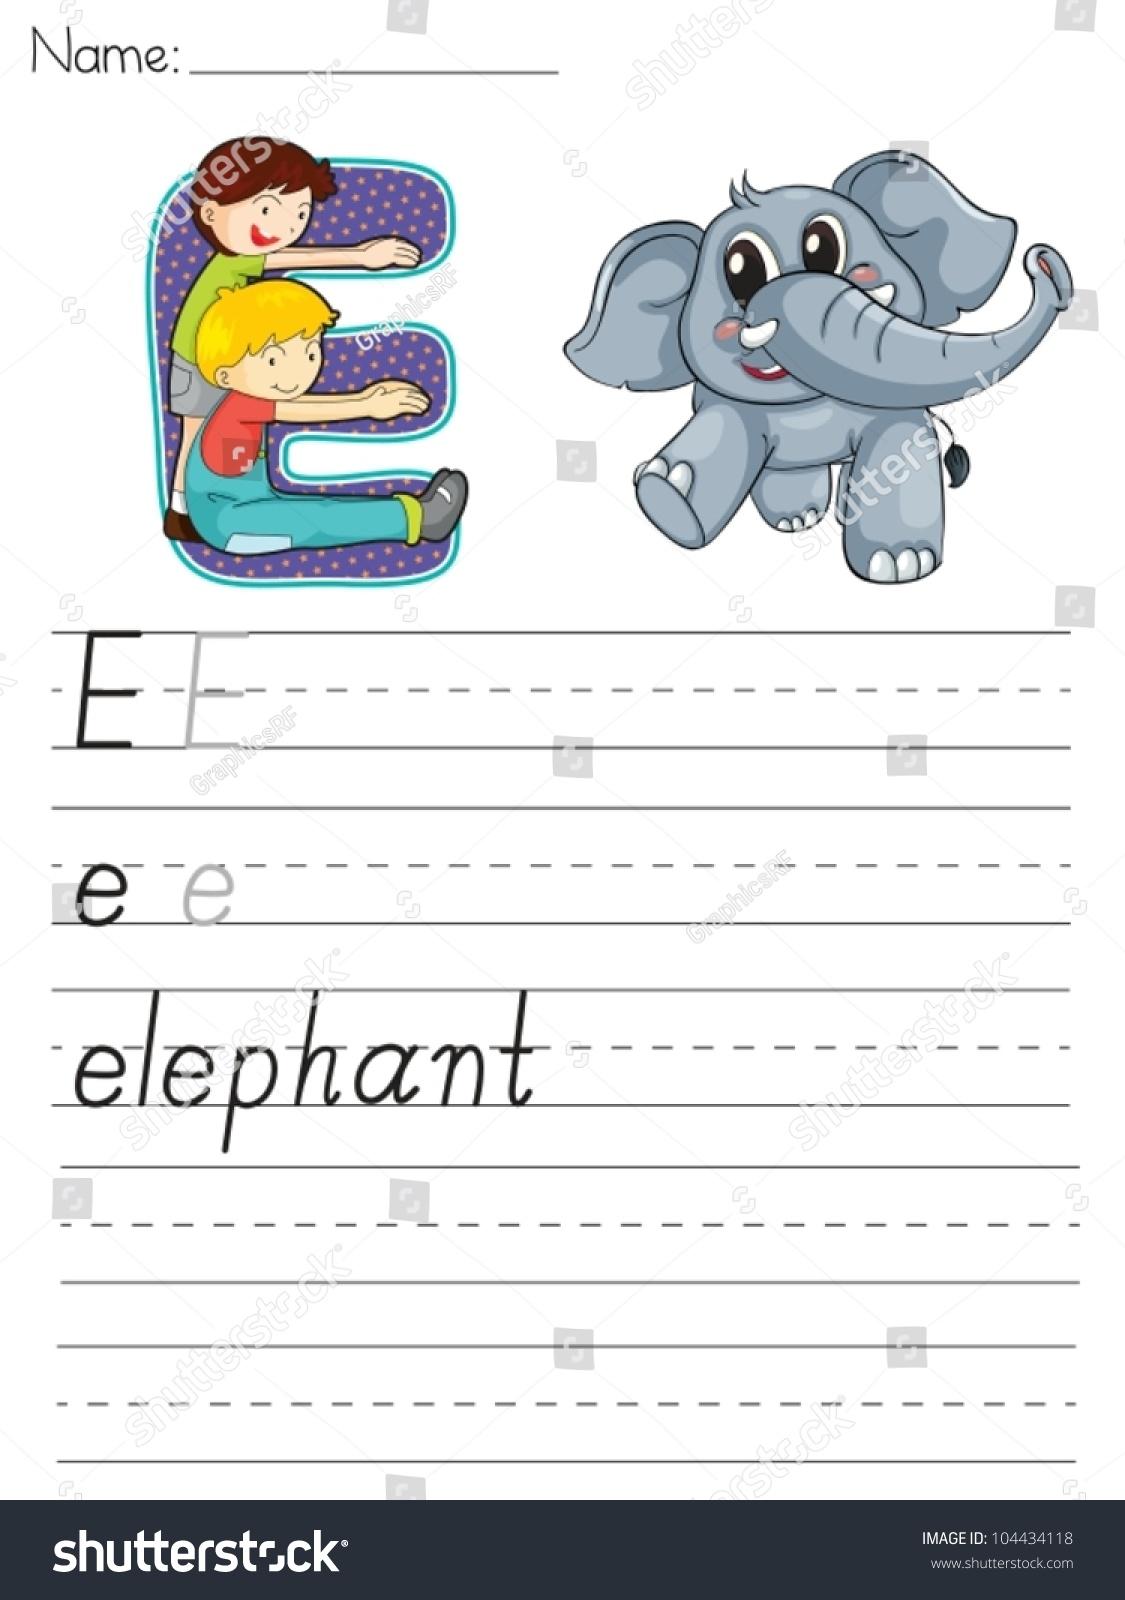 Alphabet Worksheet Of The Letter E Stock Vector